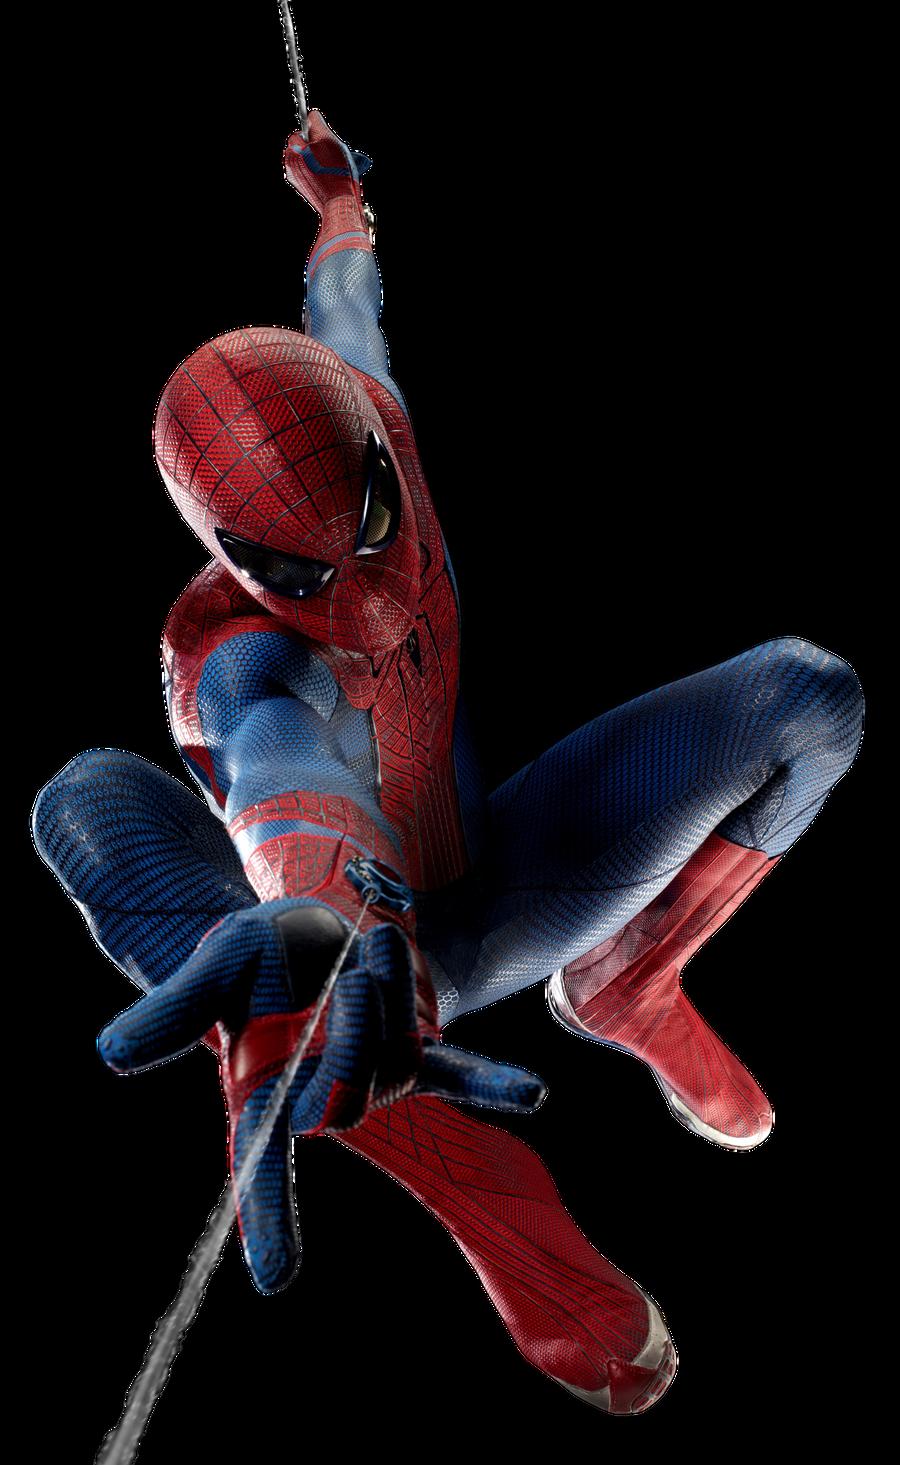 паук картинки 3d